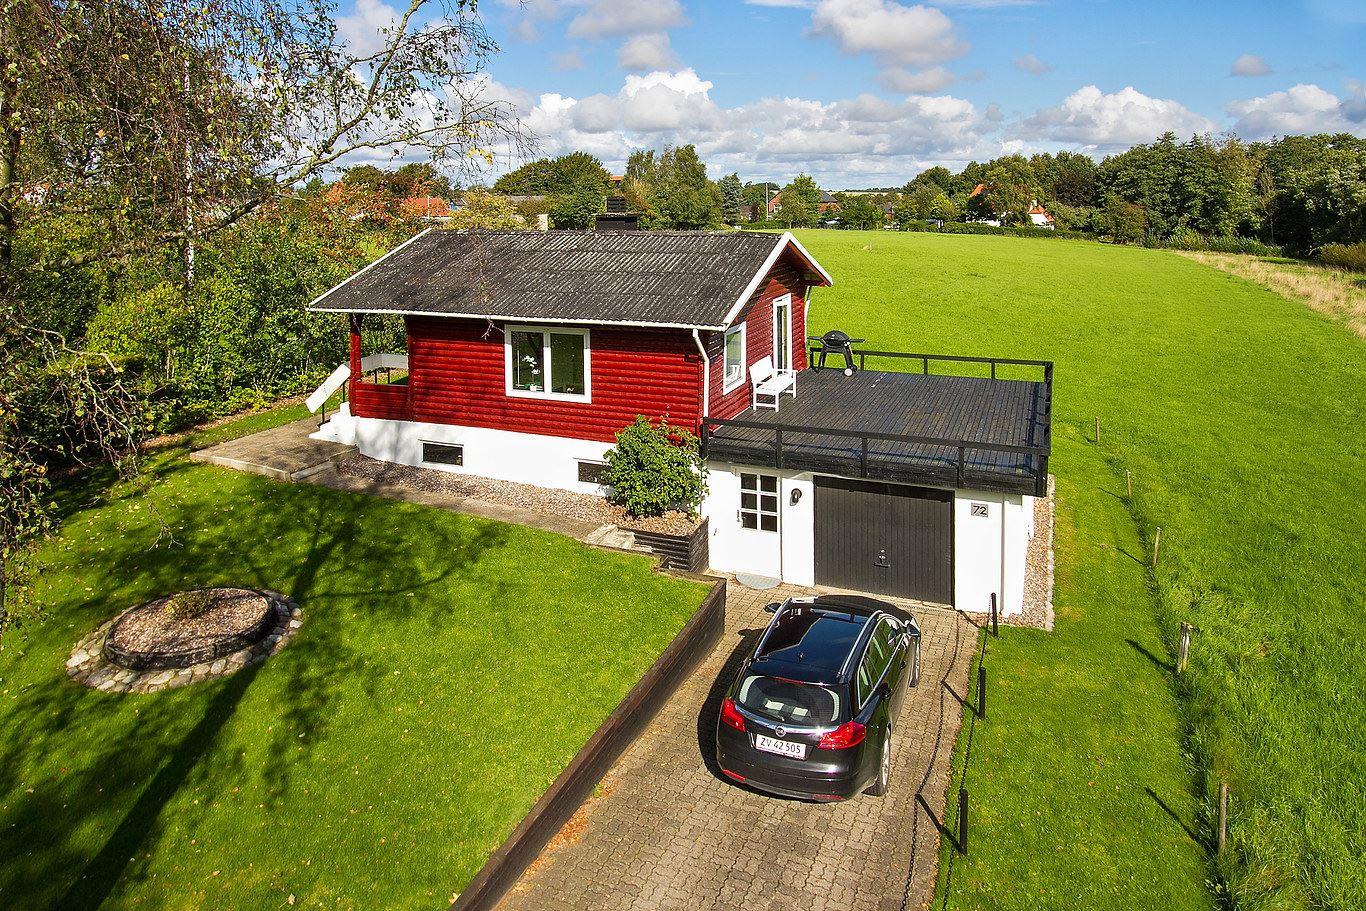 Søndergade 72, Bråskov, 8783 Hornsyld